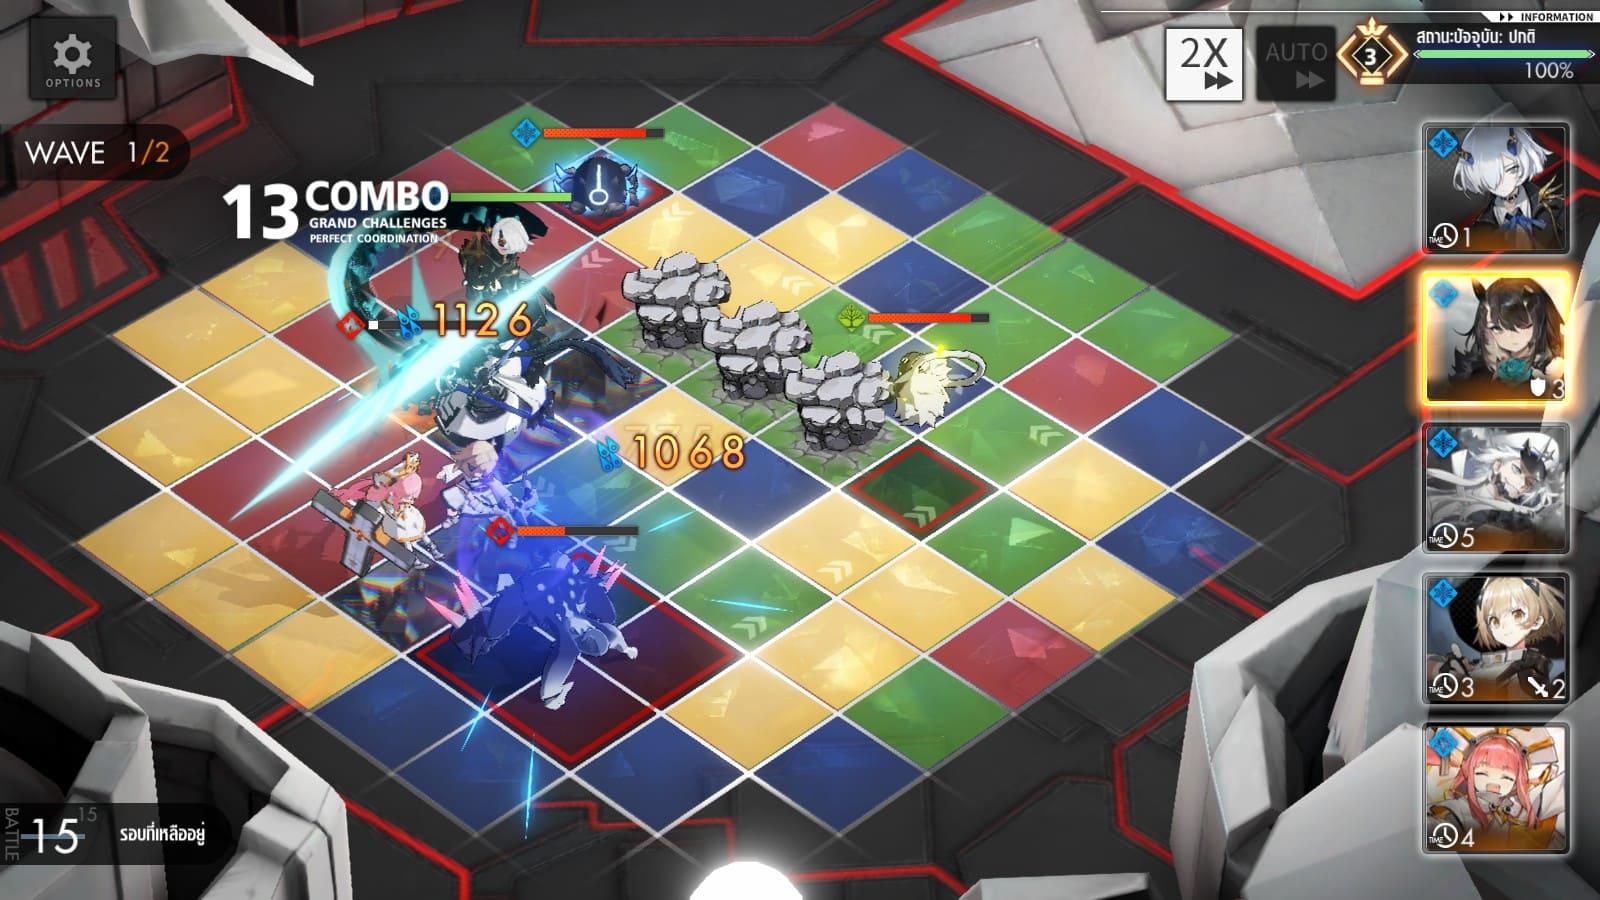 Alchemy Star 10 เรื่องที่ควรรู้ - Gameplay 02